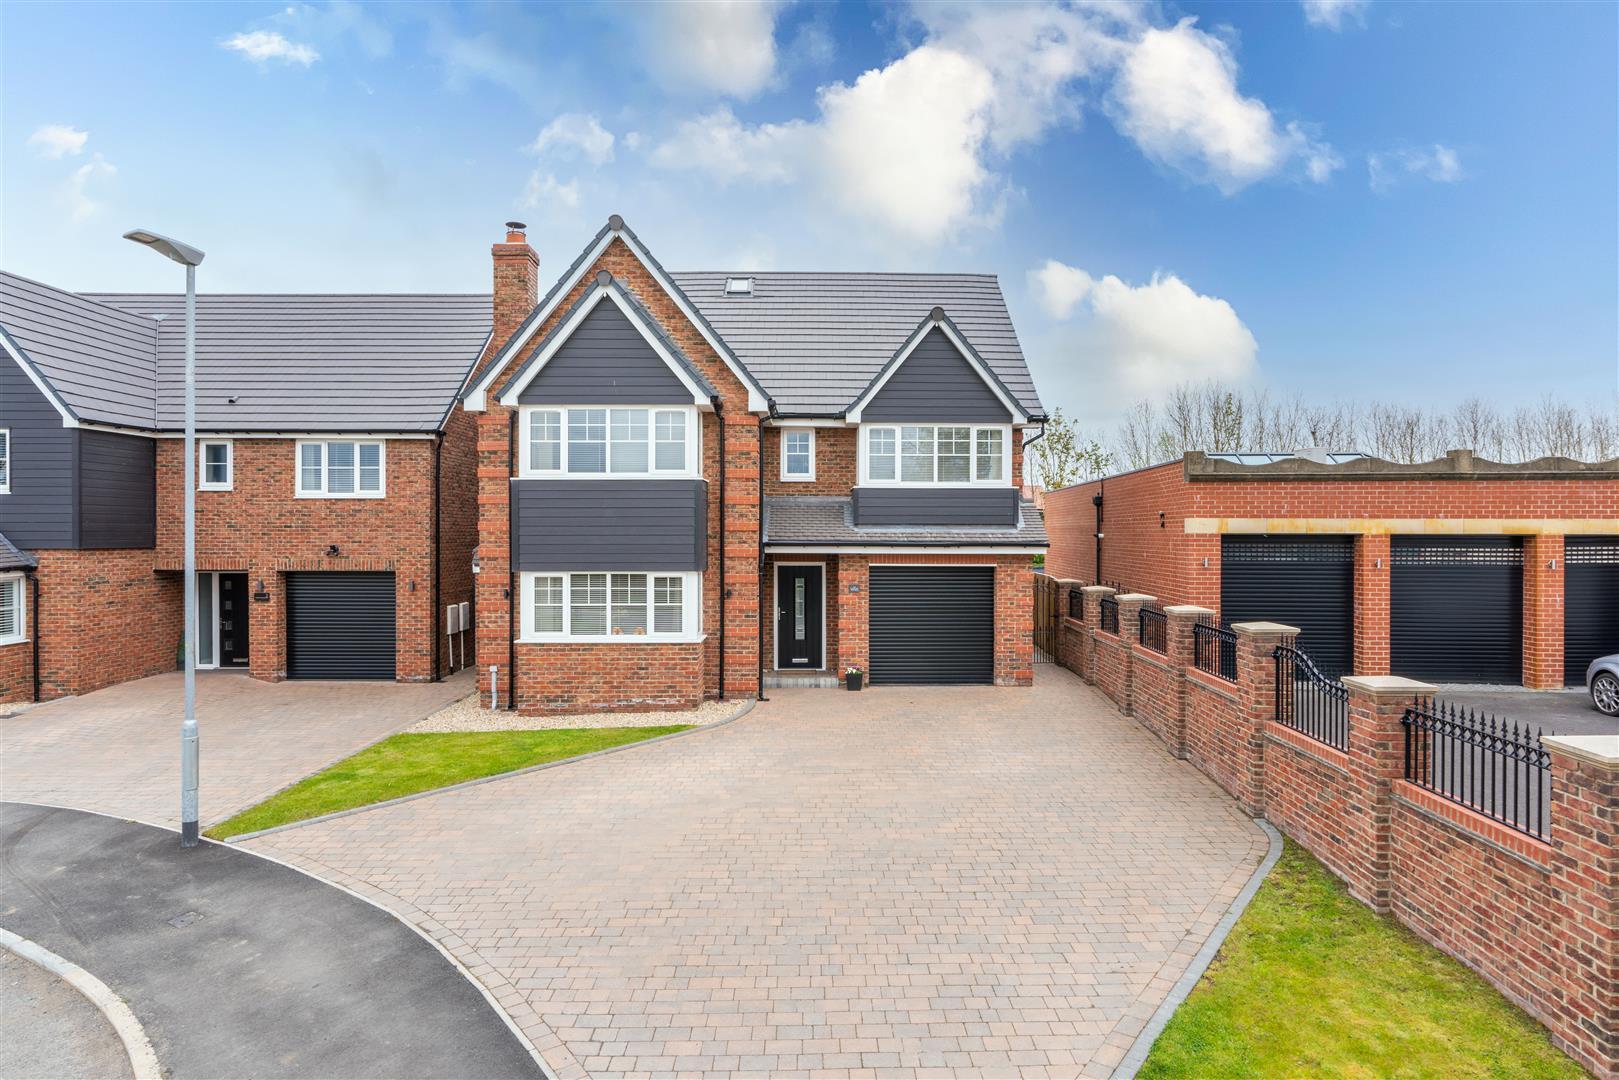 5 bed detached house for sale in St. Davids Park, Cramlington  - Property Image 1